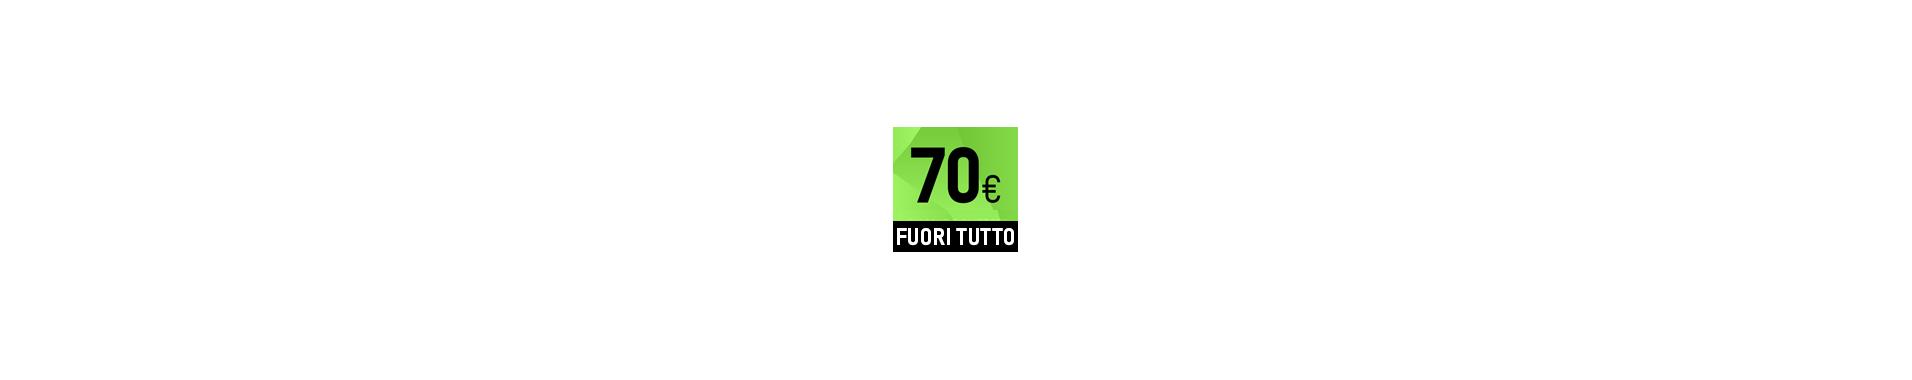 FUORI TUTTO A € 70